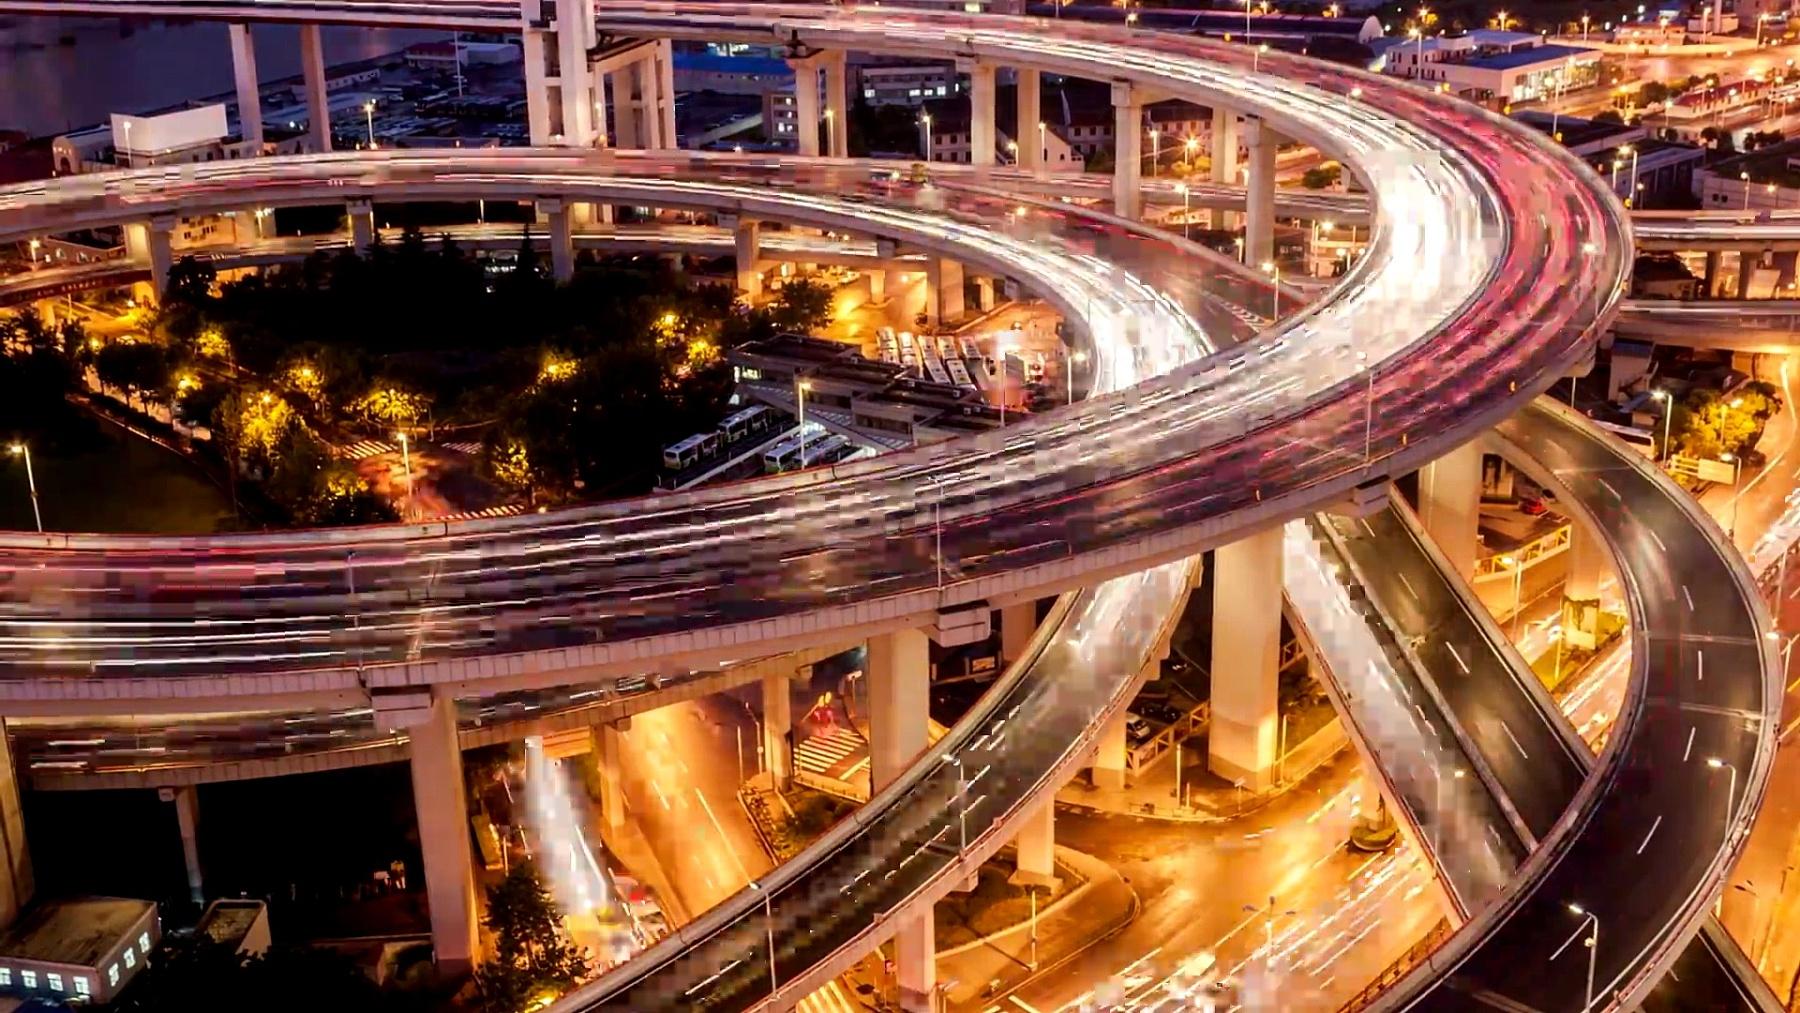 黄昏时的上海立交桥和高架路